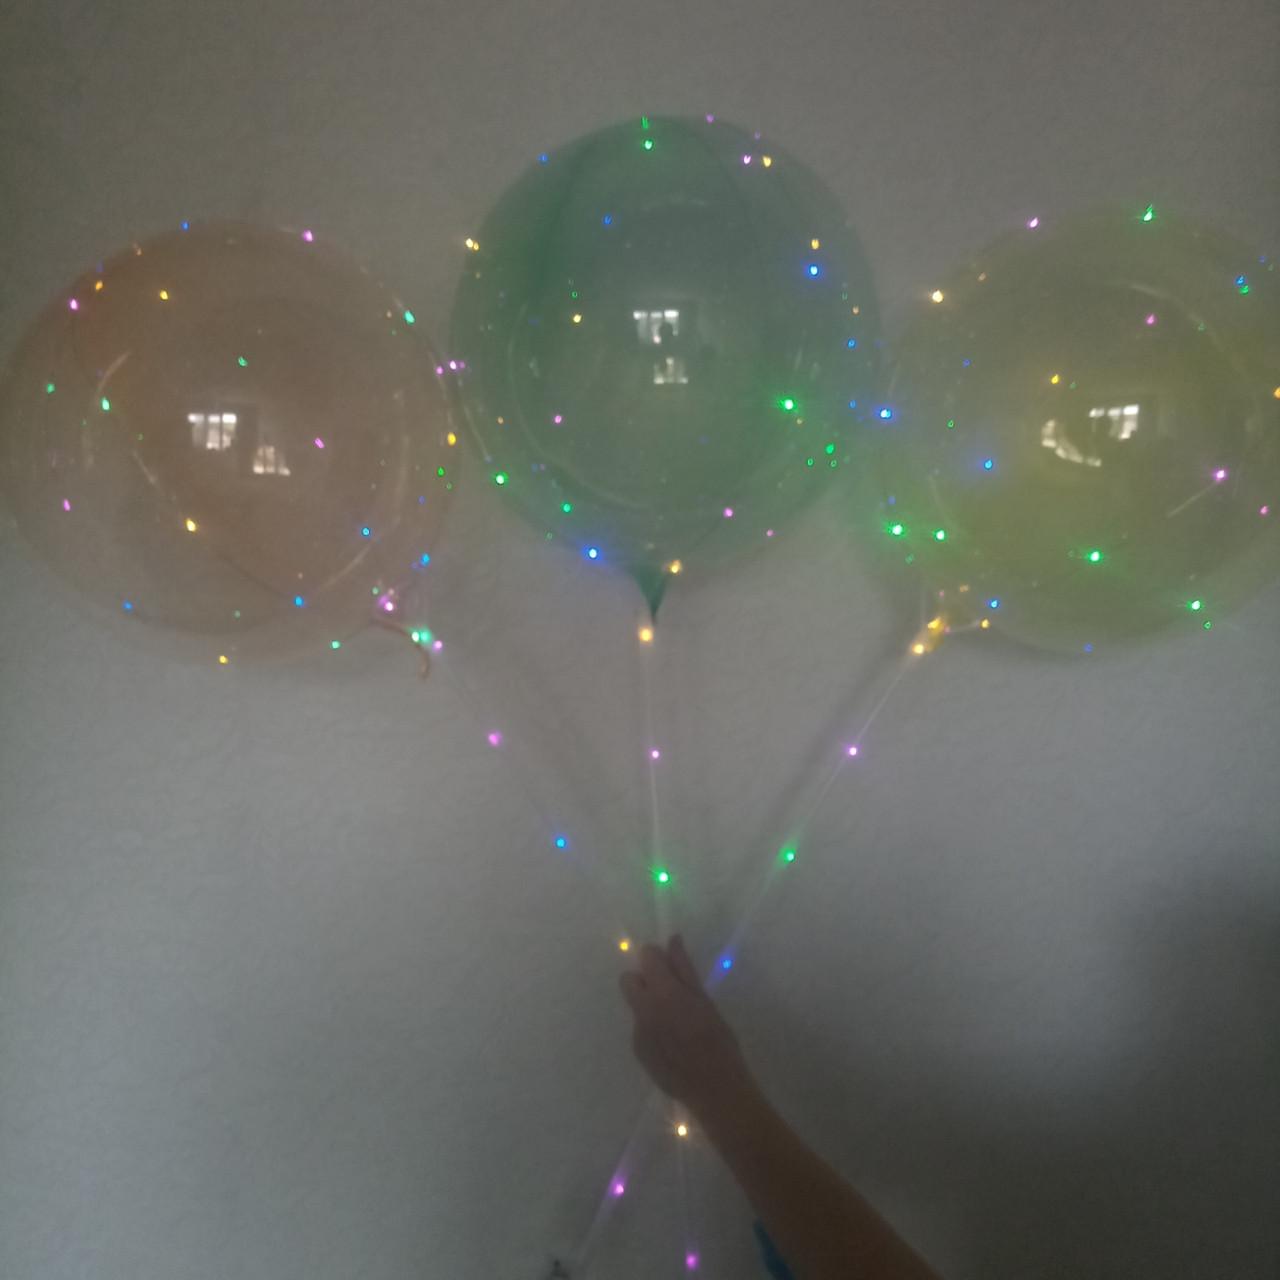 Світяться кульки bobo з гірляндою кольорові